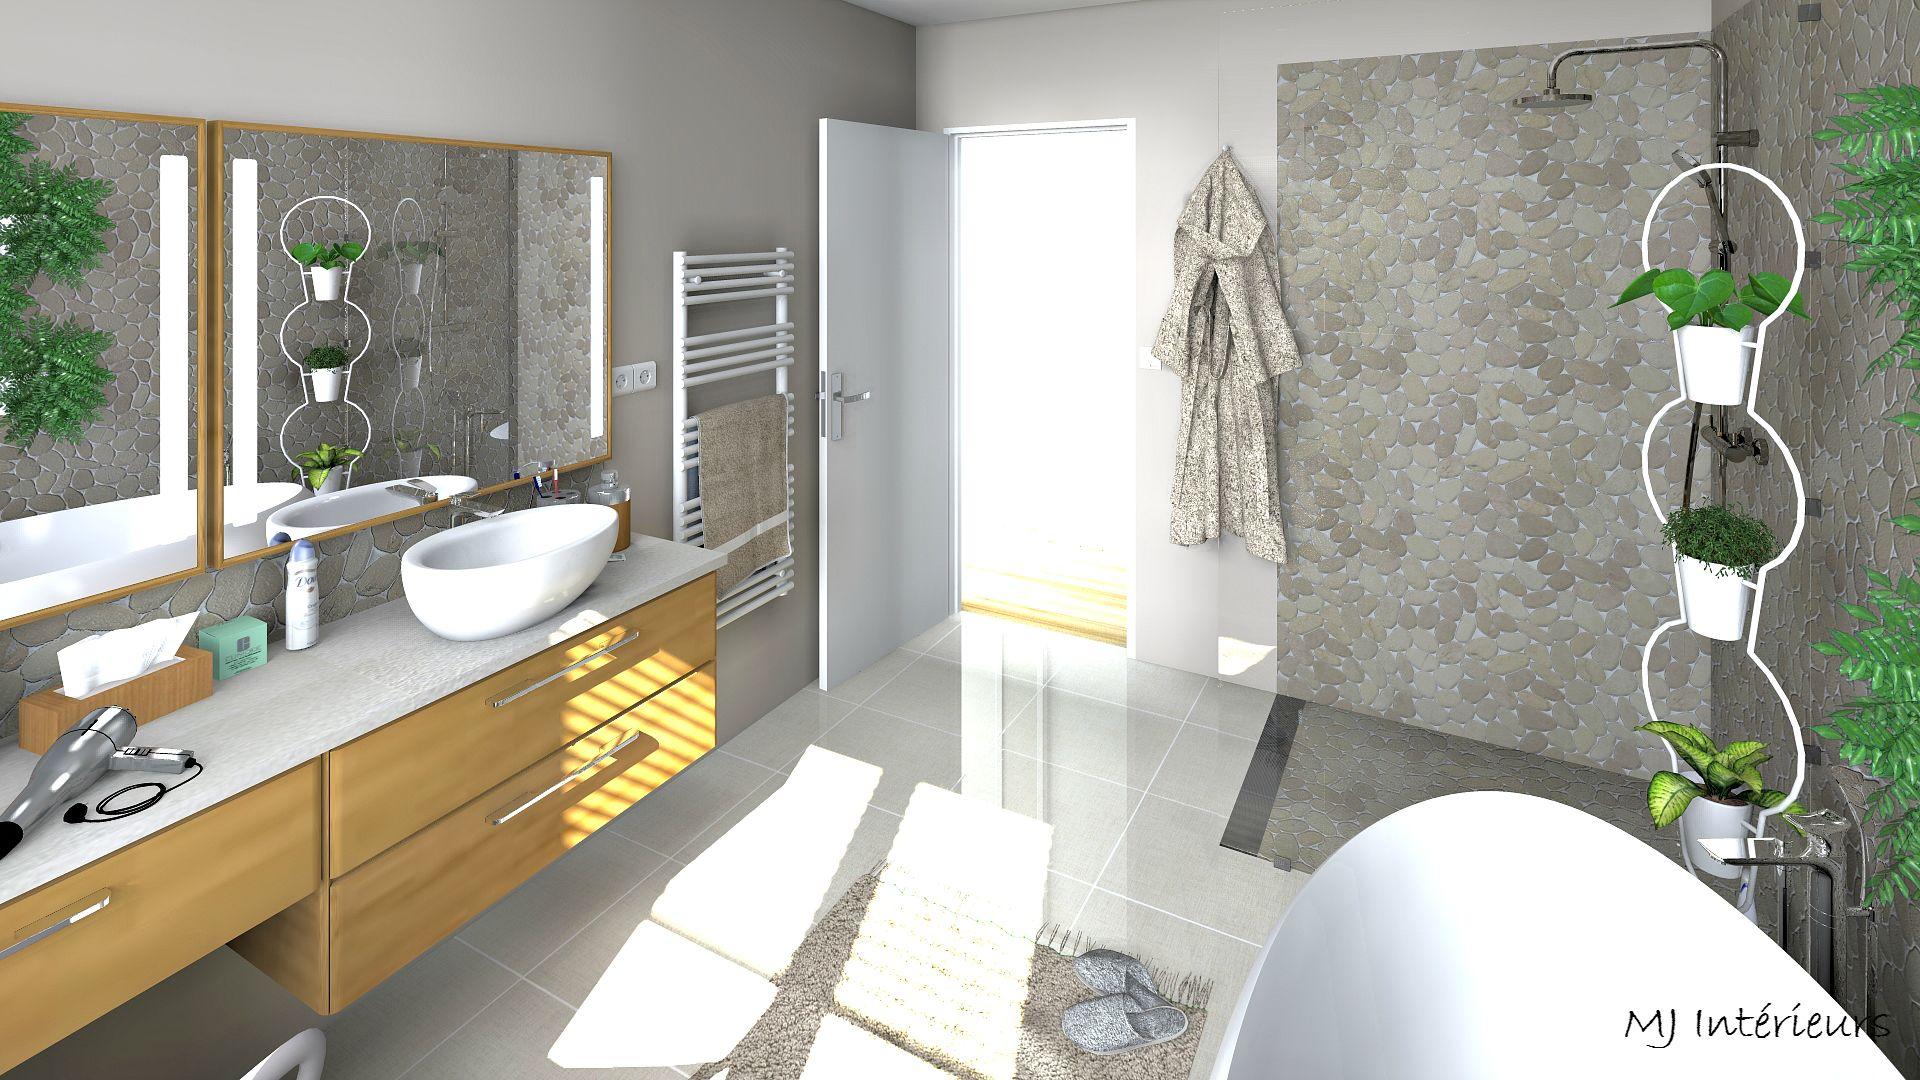 Salle de bain ambiance nature et zen avec une mosaïque de galets et ...